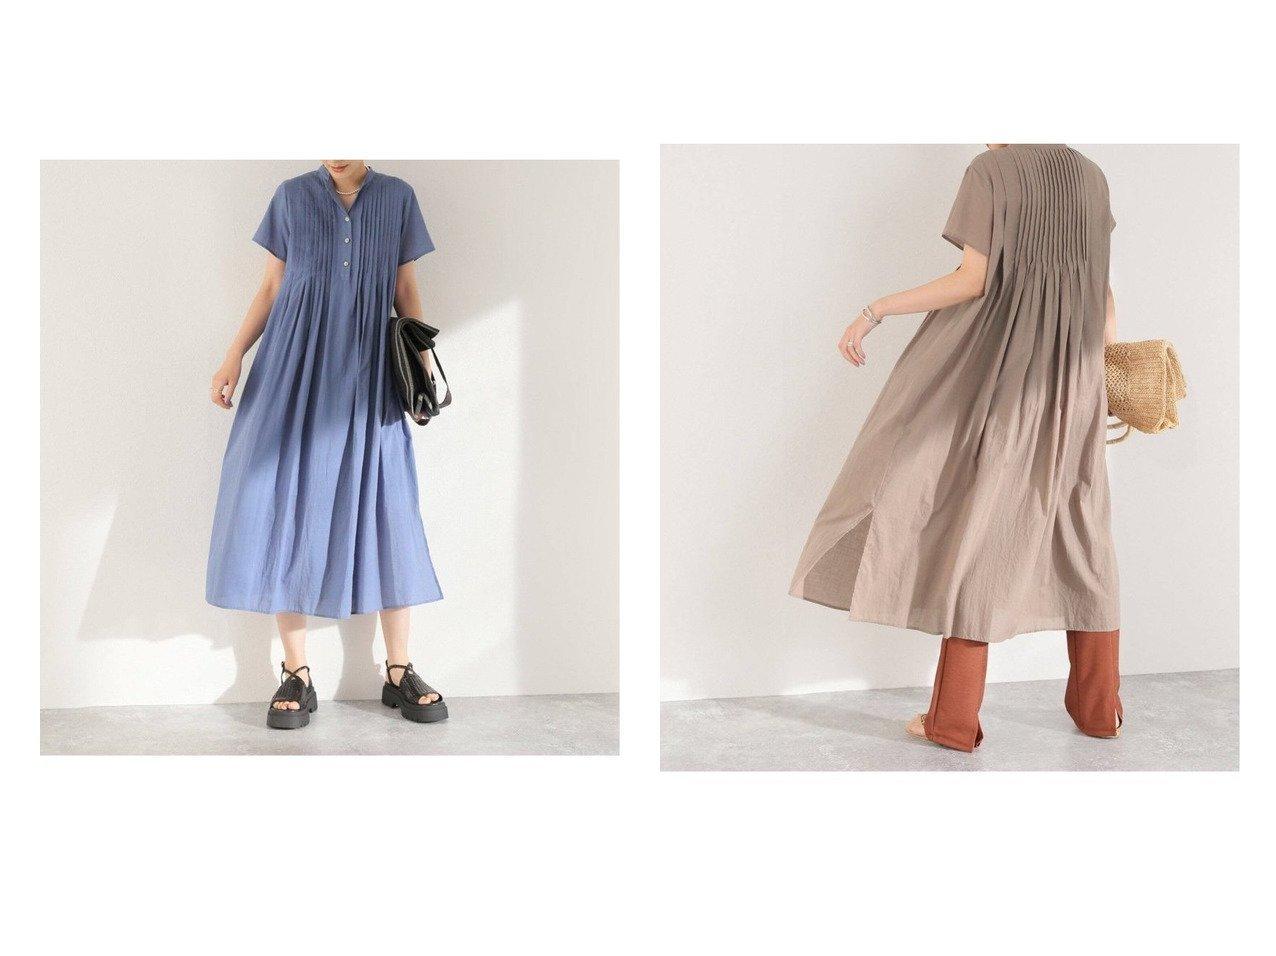 【JOURNAL STANDARD/ジャーナルスタンダード】のコットンボイルタックハーフスリーブワンピース 【ワンピース・ドレス】おすすめ!人気、トレンド・レディースファッションの通販 おすすめで人気の流行・トレンド、ファッションの通販商品 インテリア・家具・メンズファッション・キッズファッション・レディースファッション・服の通販 founy(ファニー) https://founy.com/ ファッション Fashion レディースファッション WOMEN ワンピース Dress NEW・新作・新着・新入荷 New Arrivals 2021年 2021 2021春夏・S/S SS/Spring/Summer/2021 S/S・春夏 SS・Spring/Summer アンダー キャミソール スリット バランス ペチコート レギンス 人気 半袖  ID:crp329100000056873